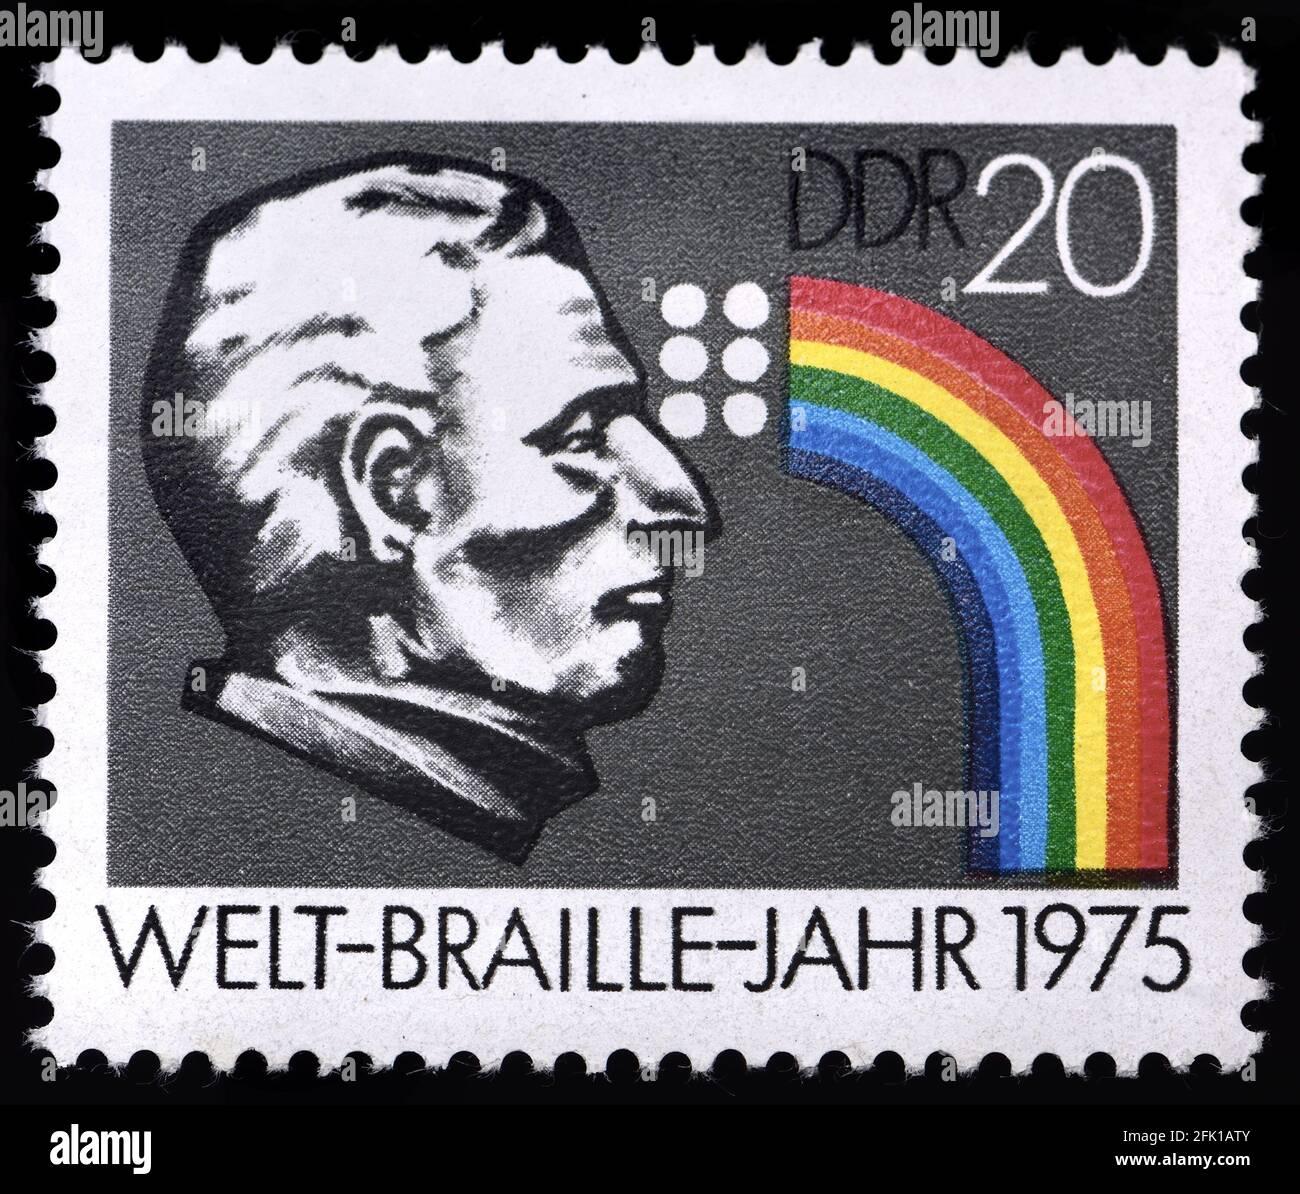 Briefmarke Ostdeutschland (1975) : Welt-Braille-Jahr 1975 Stockfoto